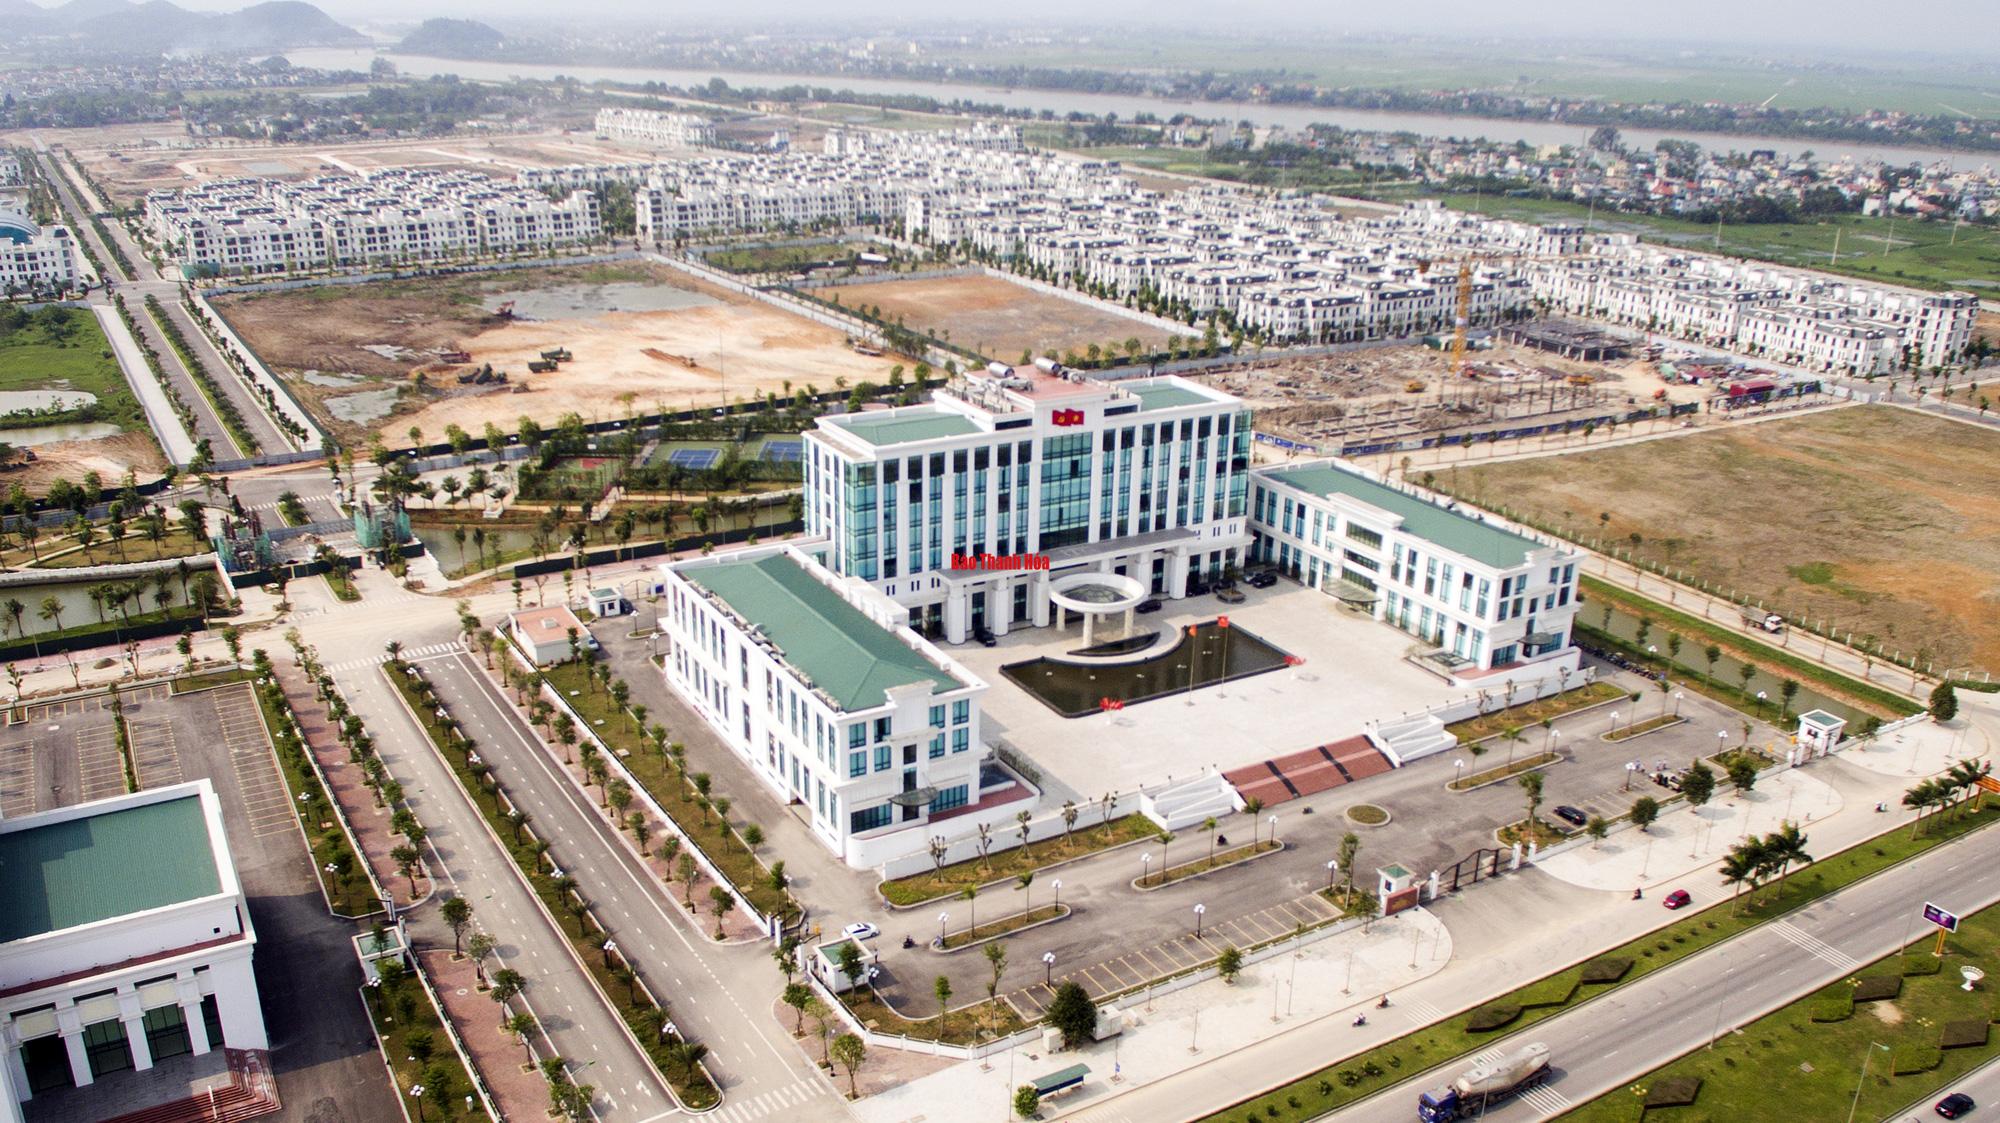 Thanh Hóa cần hơn 149.000 tỷ đồng phát triển nhà ở đến 2025 - Ảnh 1.